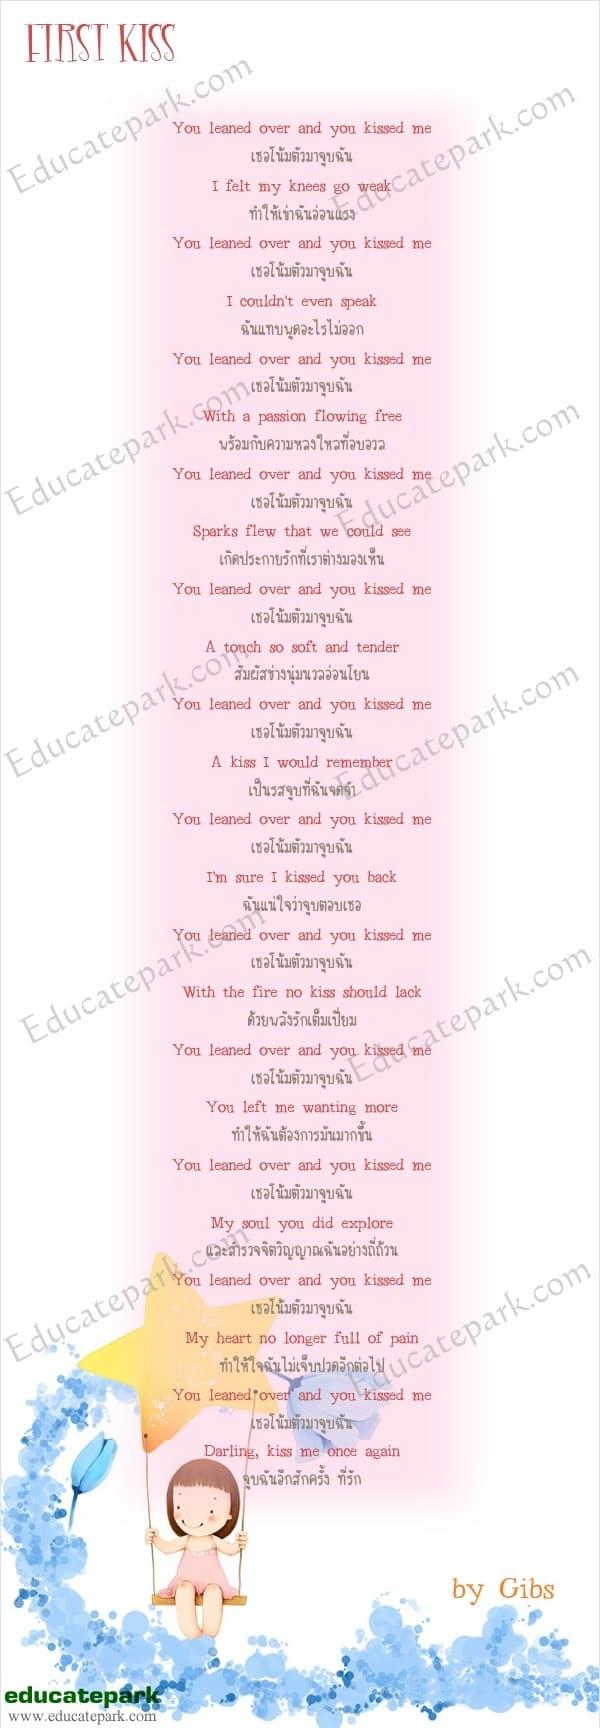 บทกลอน First Kiss - Gibs